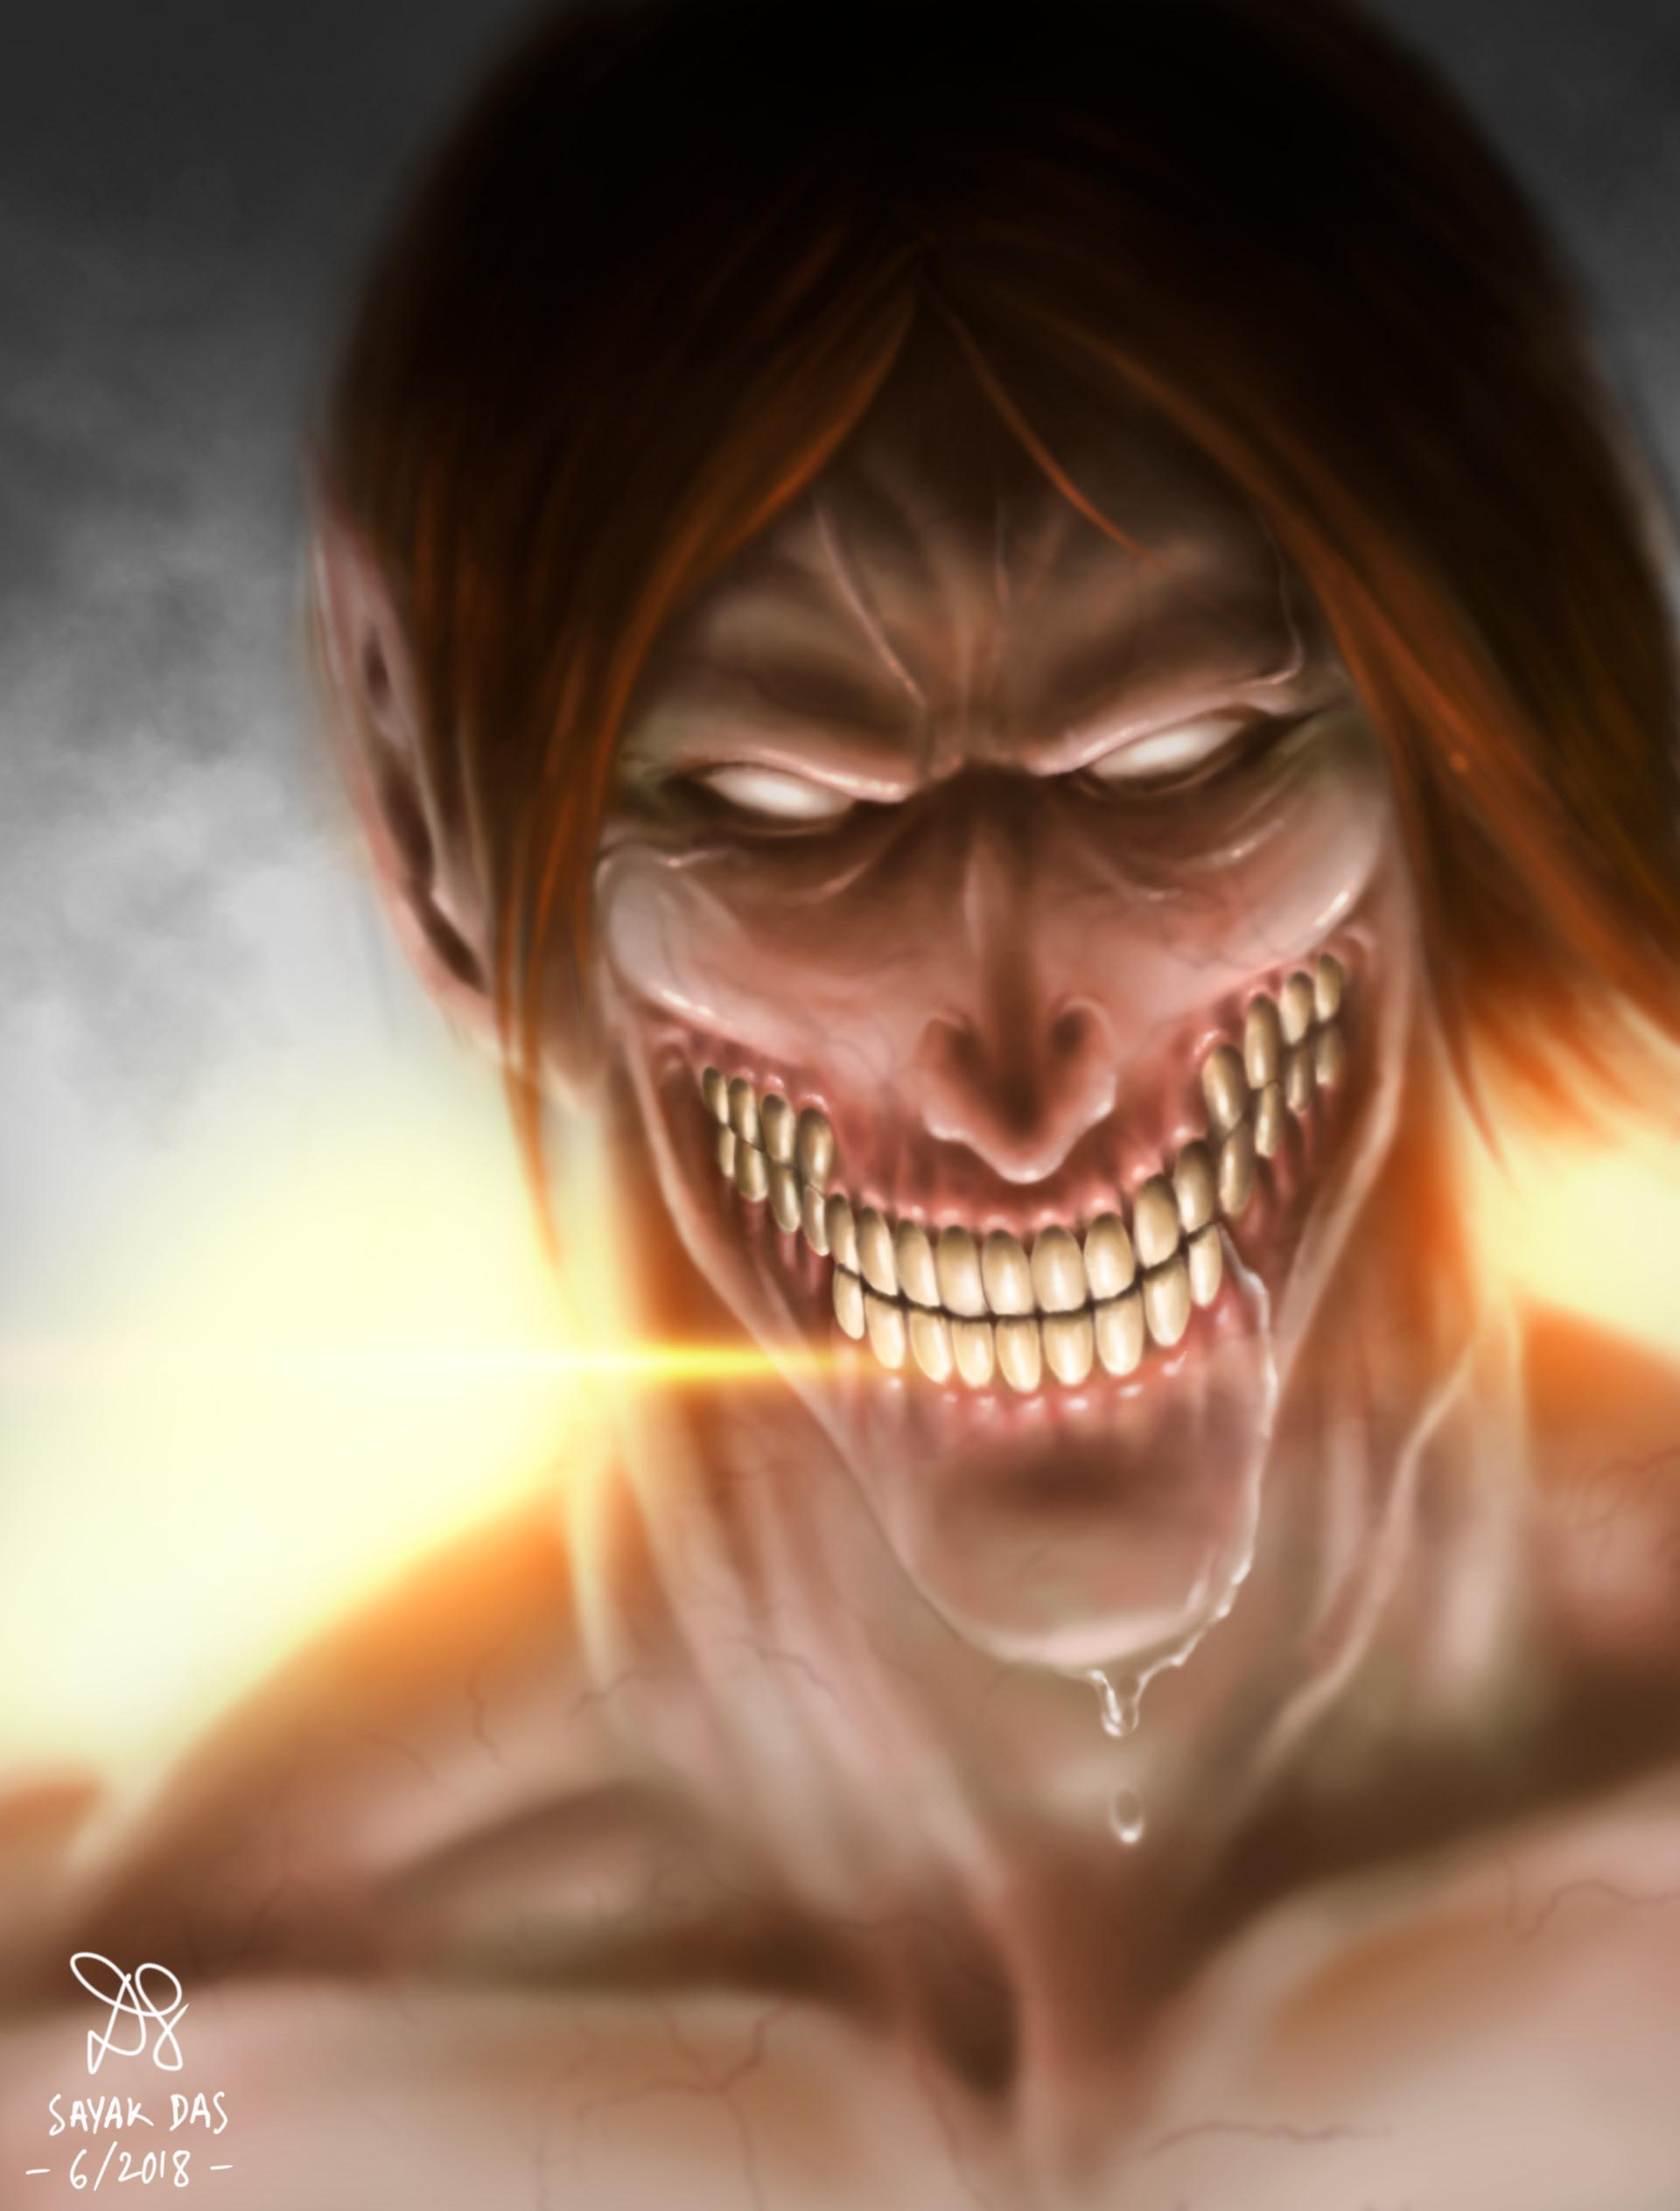 Sayak Das A Nightmare In Daylight Eren Yeager Titan Form